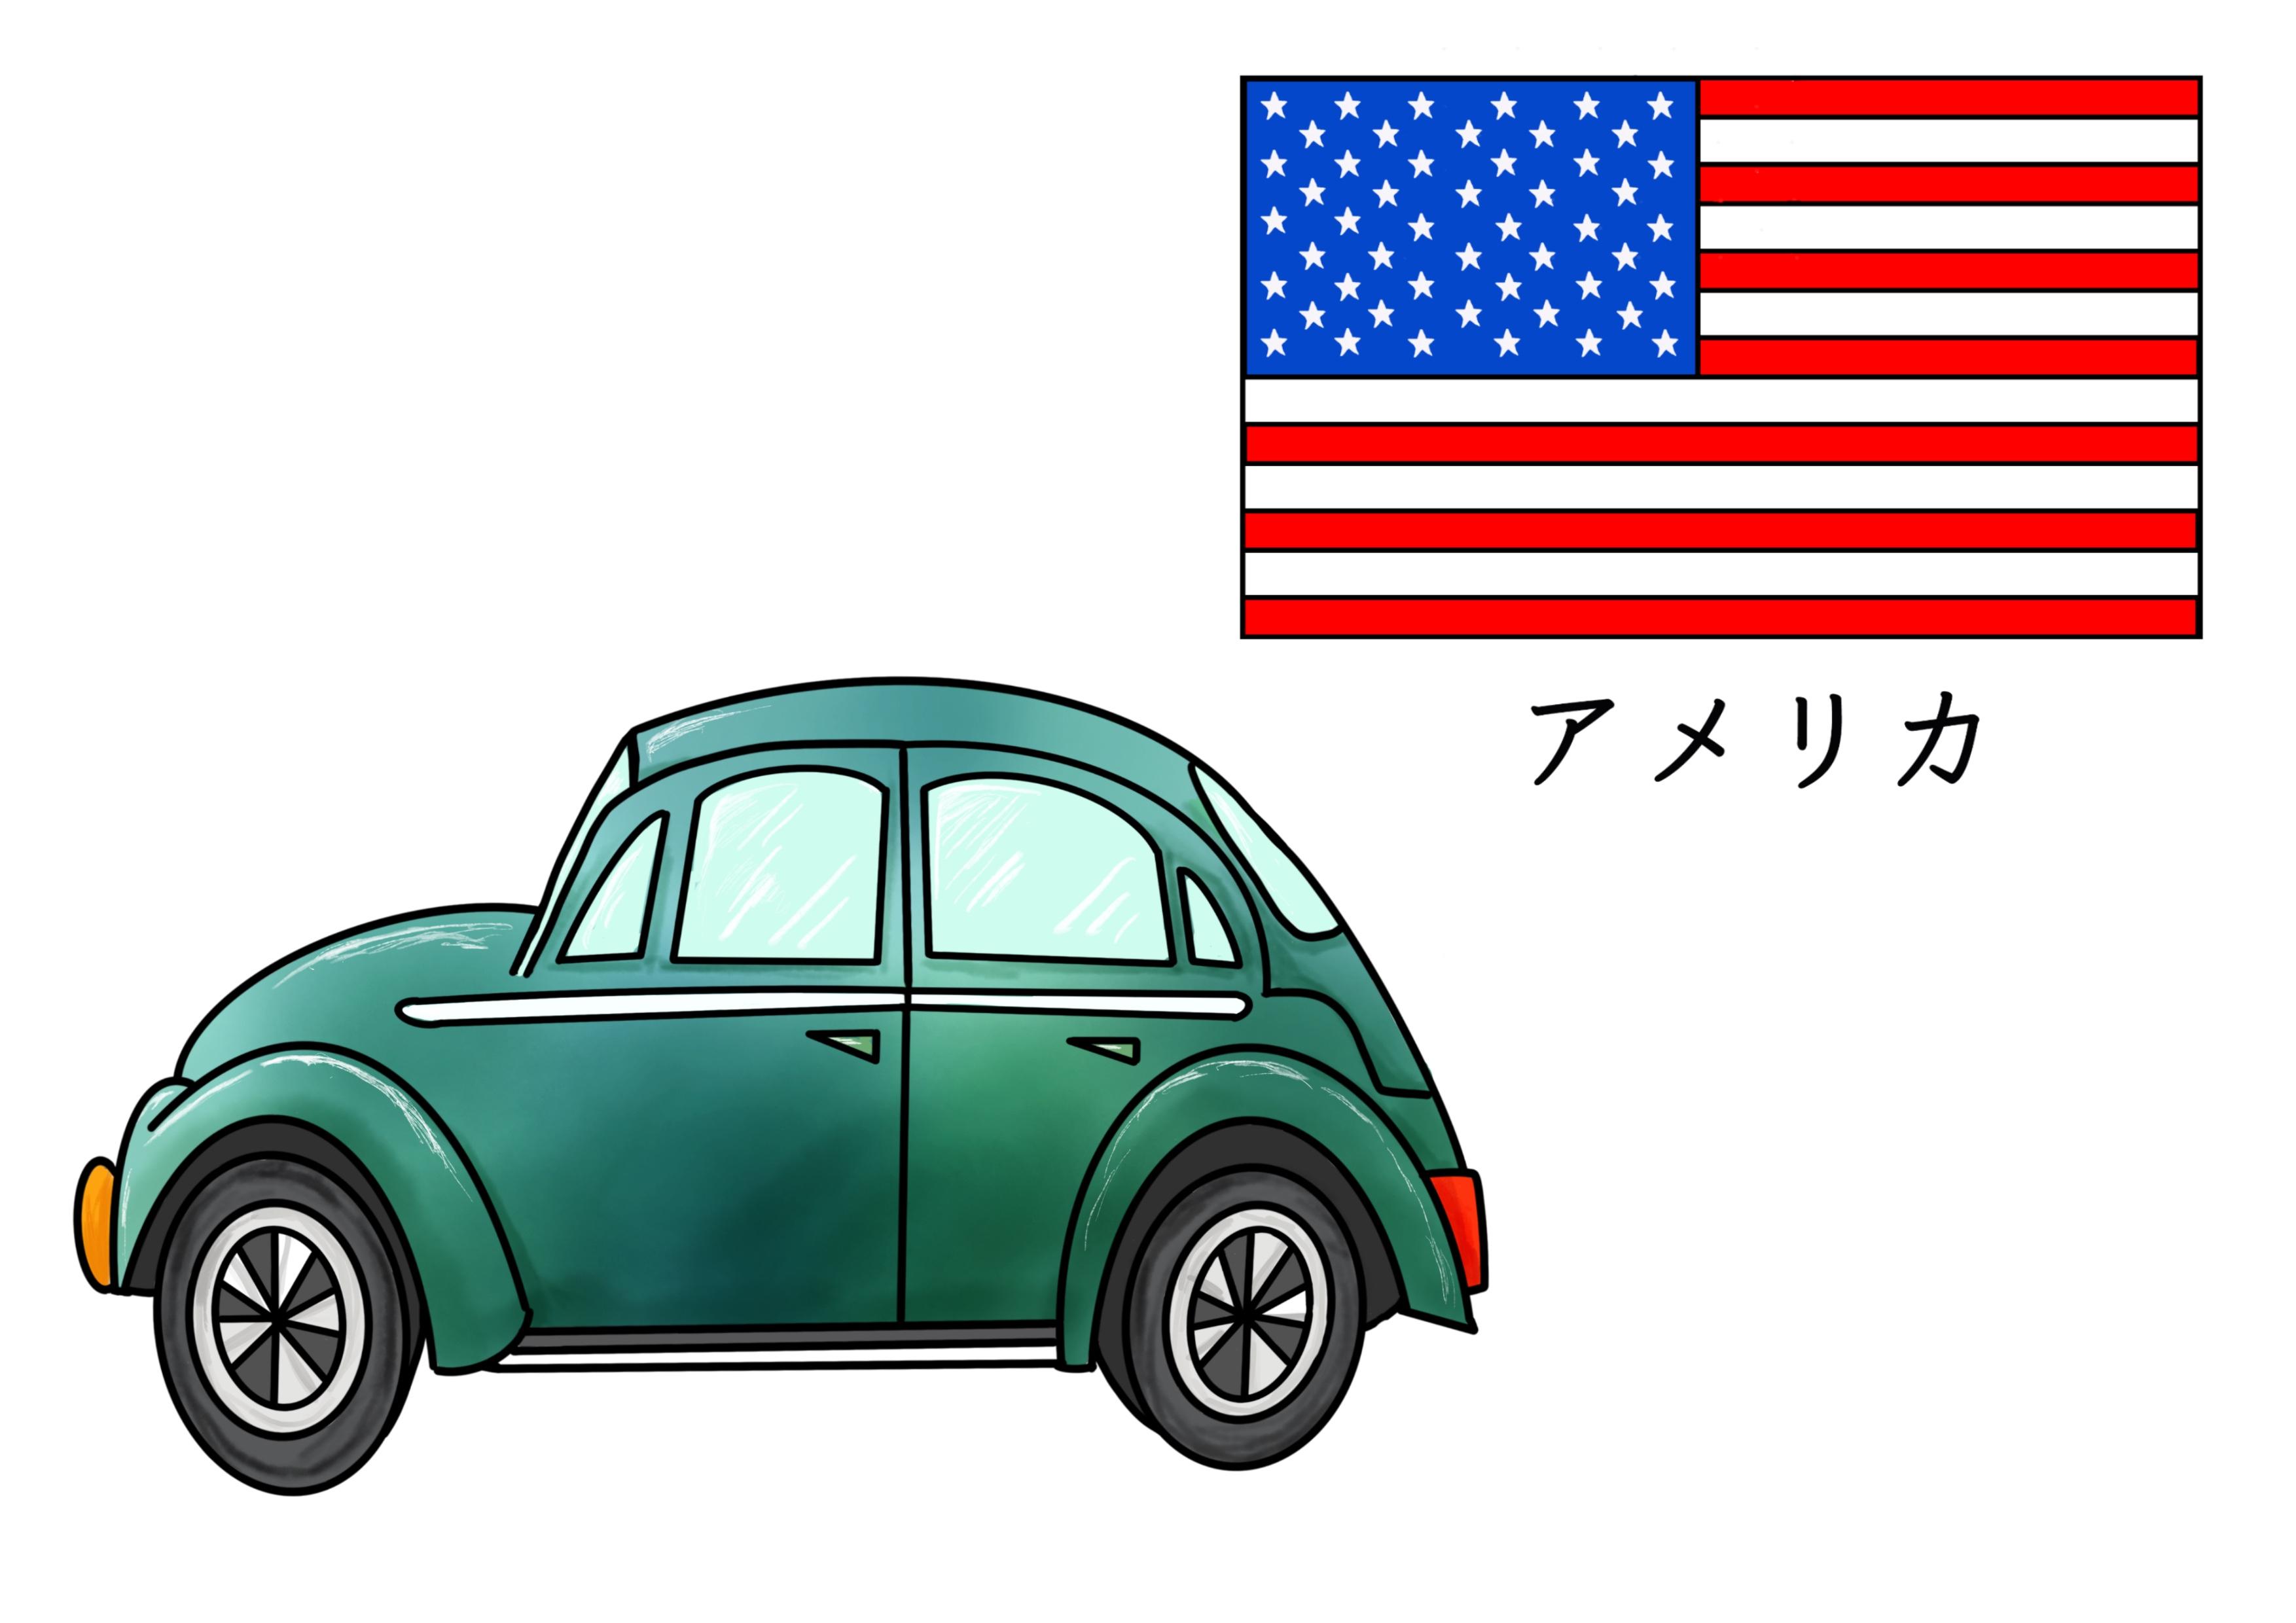 3課イラスト【アメリカの車】